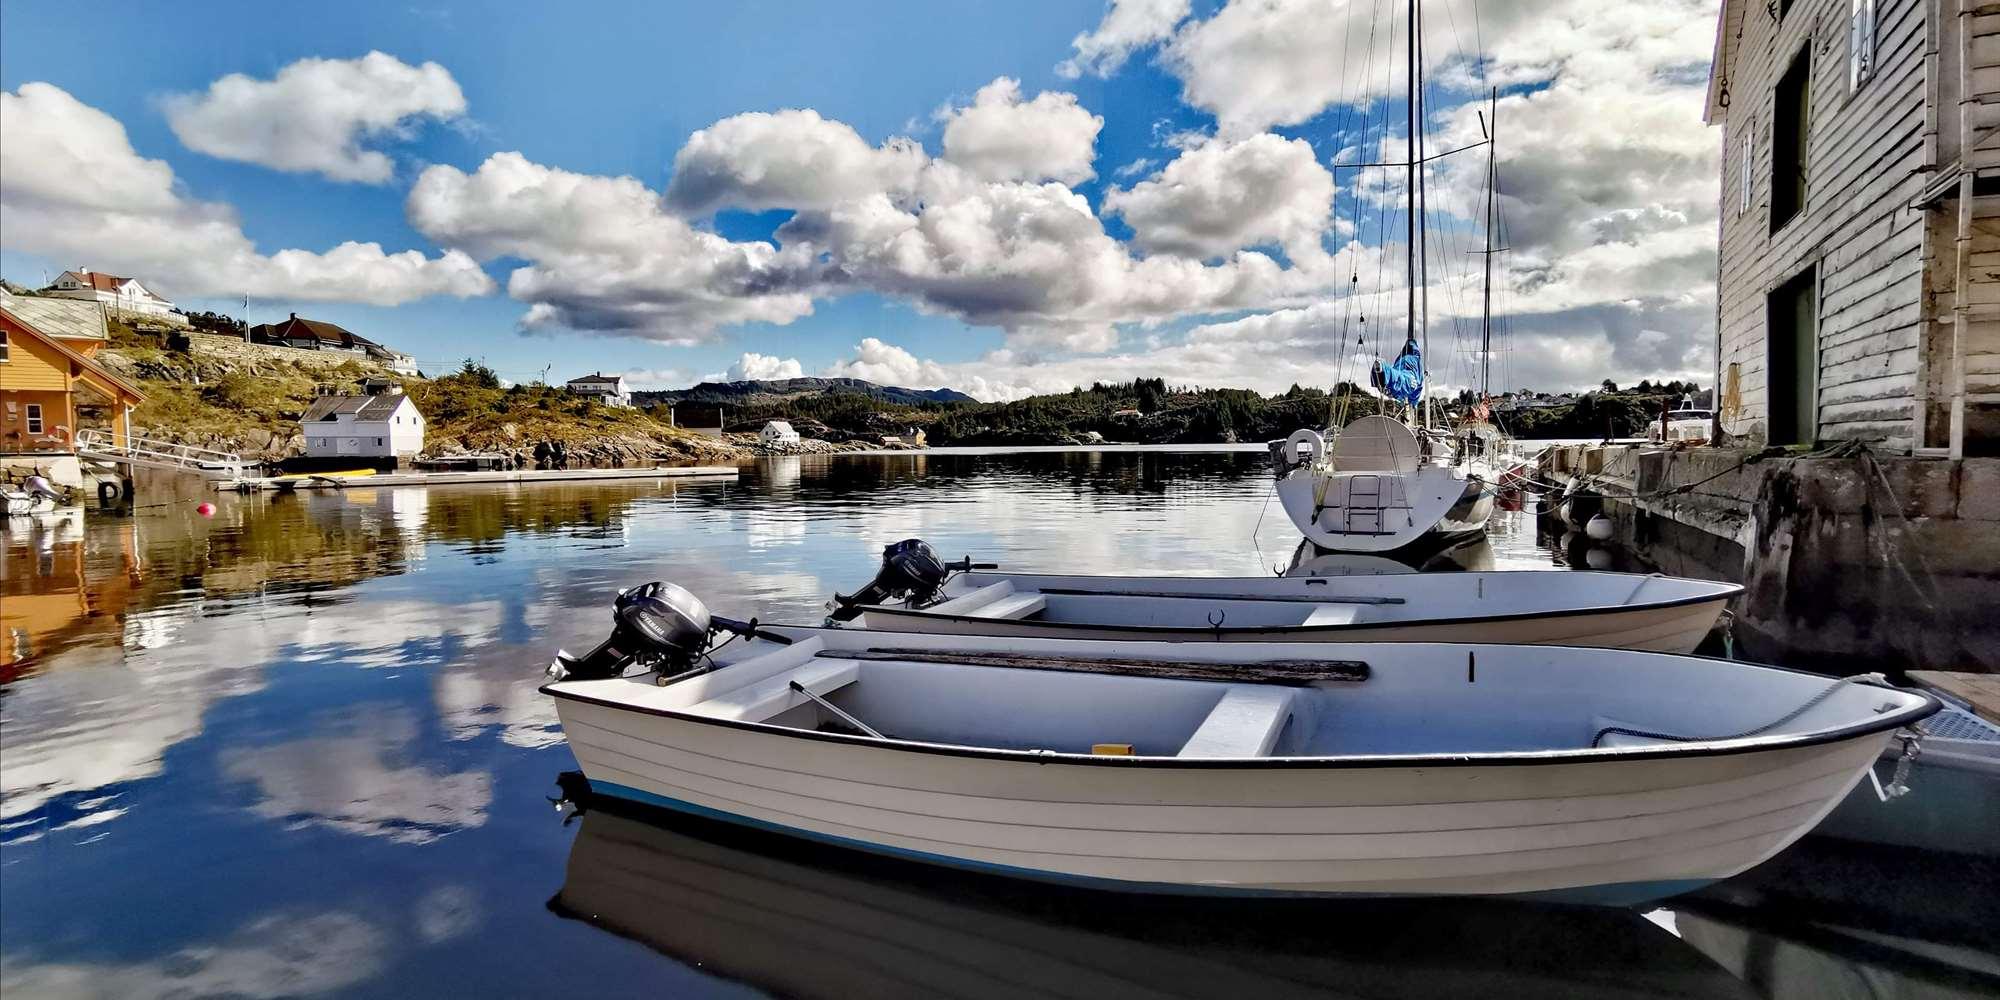 Glesvær Rorbu - 17ft boat